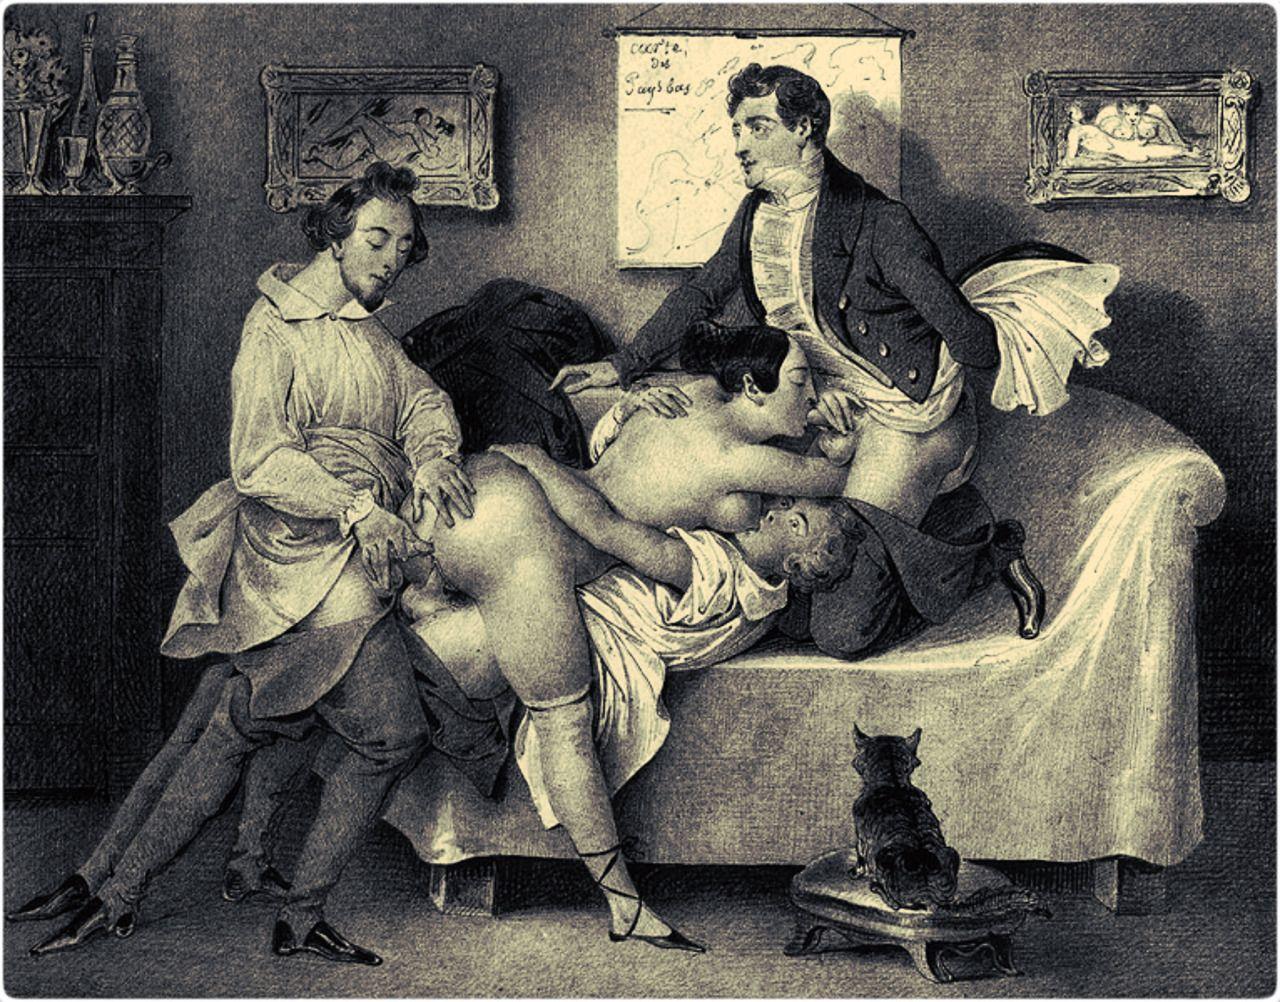 количество дворянские порно секс любите смотреть женскую